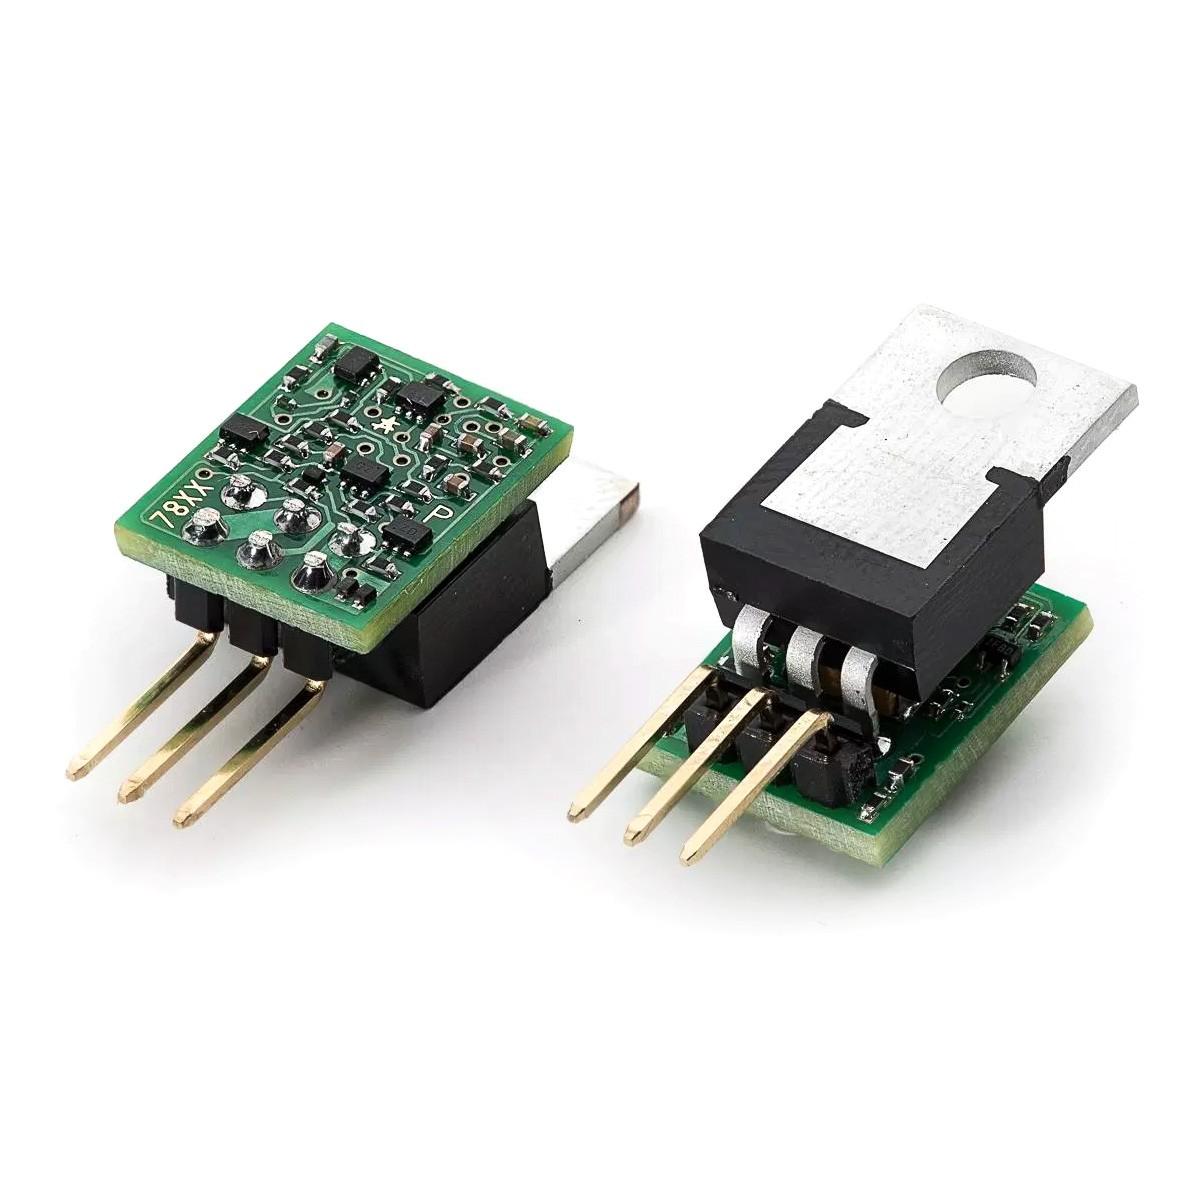 SPARKOS LABS SS783.3 Discrete Voltage Regulator +3.3V